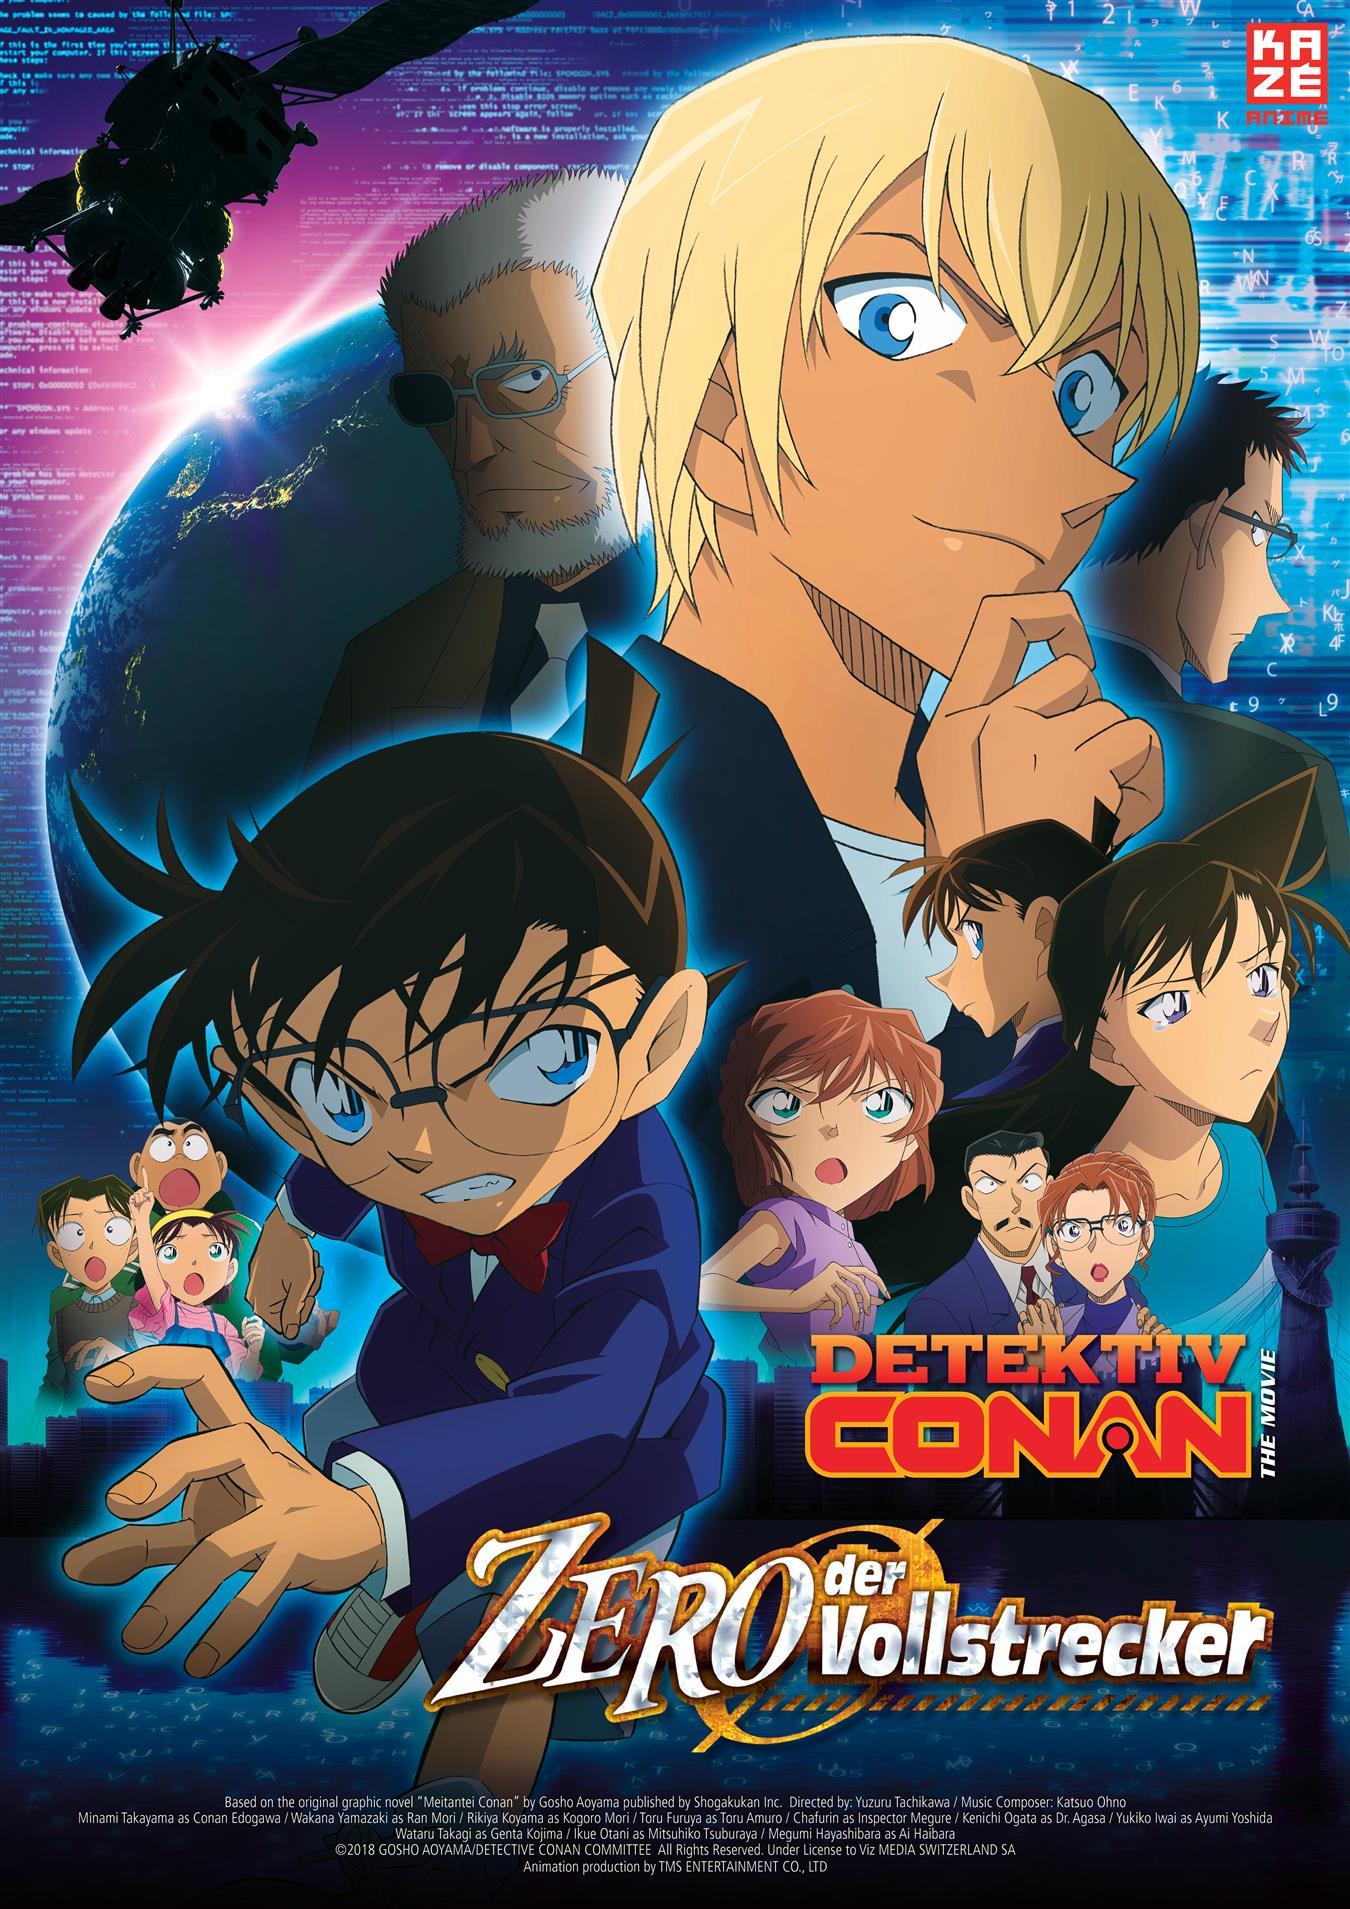 Anime Night – Detektiv Conan Film 22 - Zero der Vollstrecker